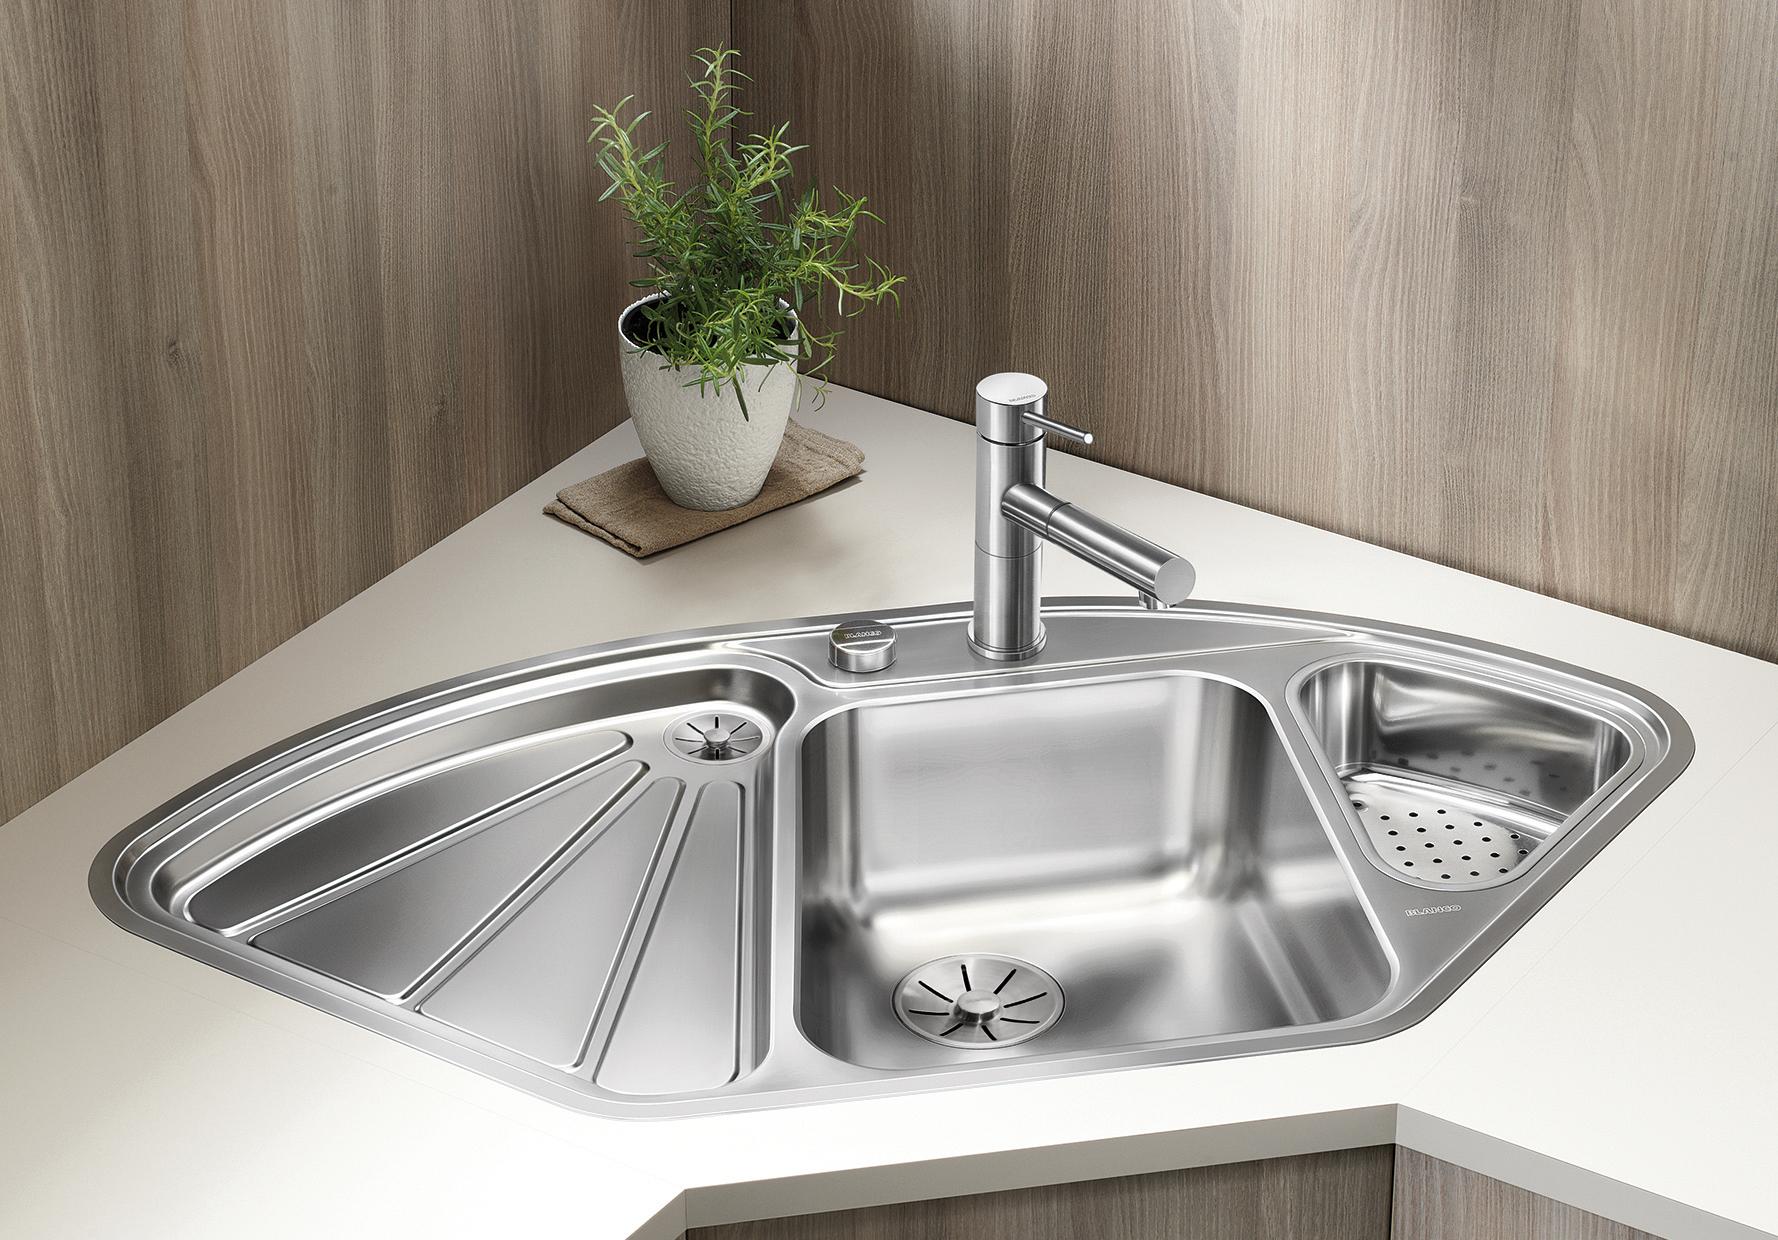 8 món nội thất giúp tiết kiệm không gian cho nhà bếp nhỏ - Ảnh 2.